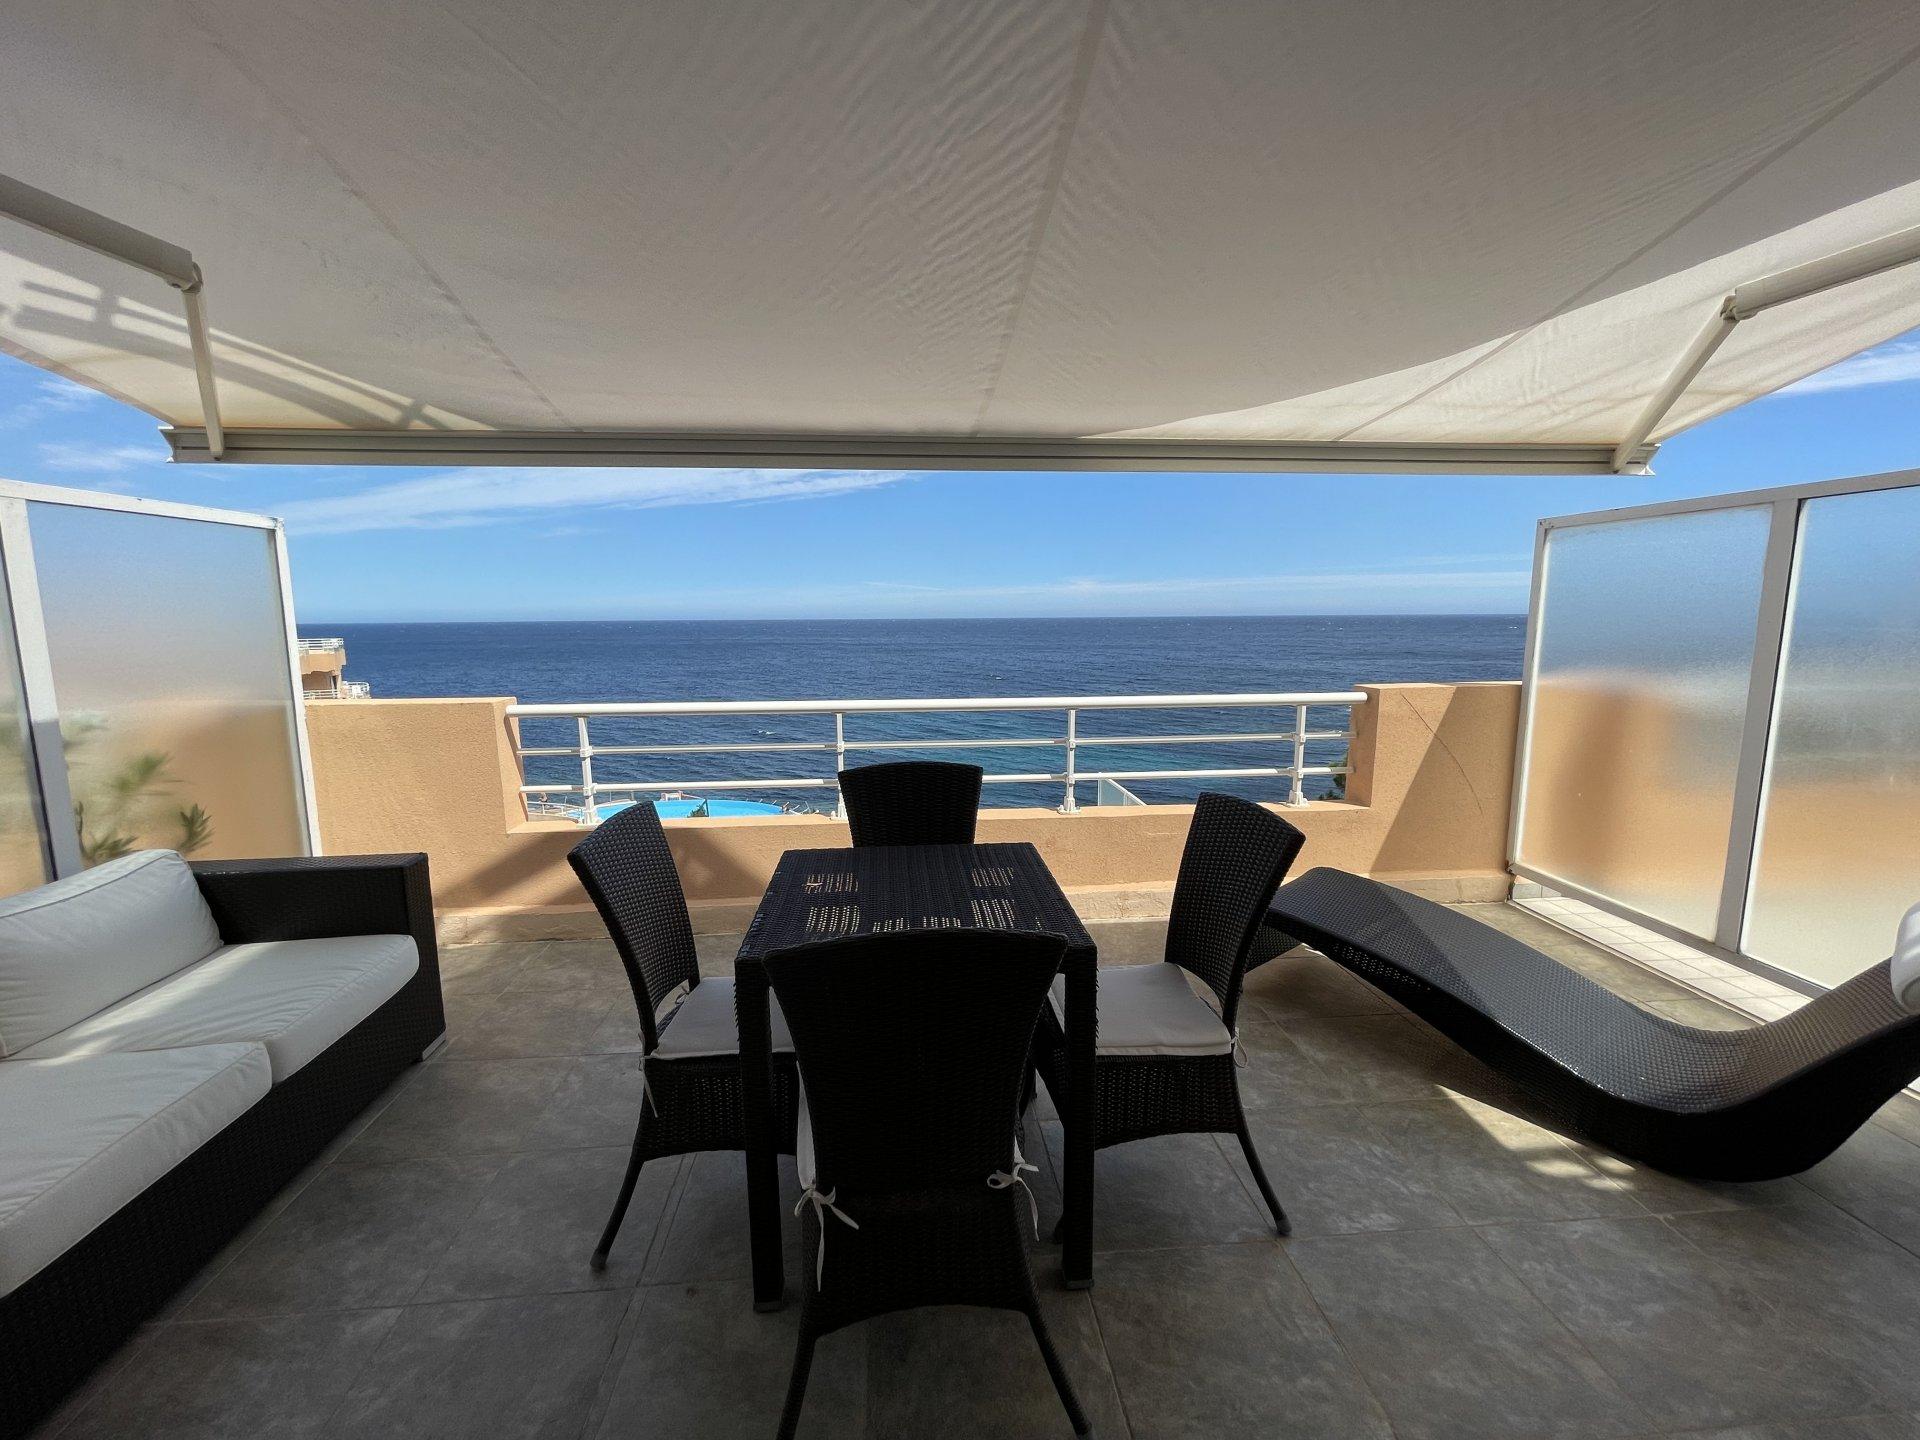 Ampio monolocale arredato con vista panoramica sul mare